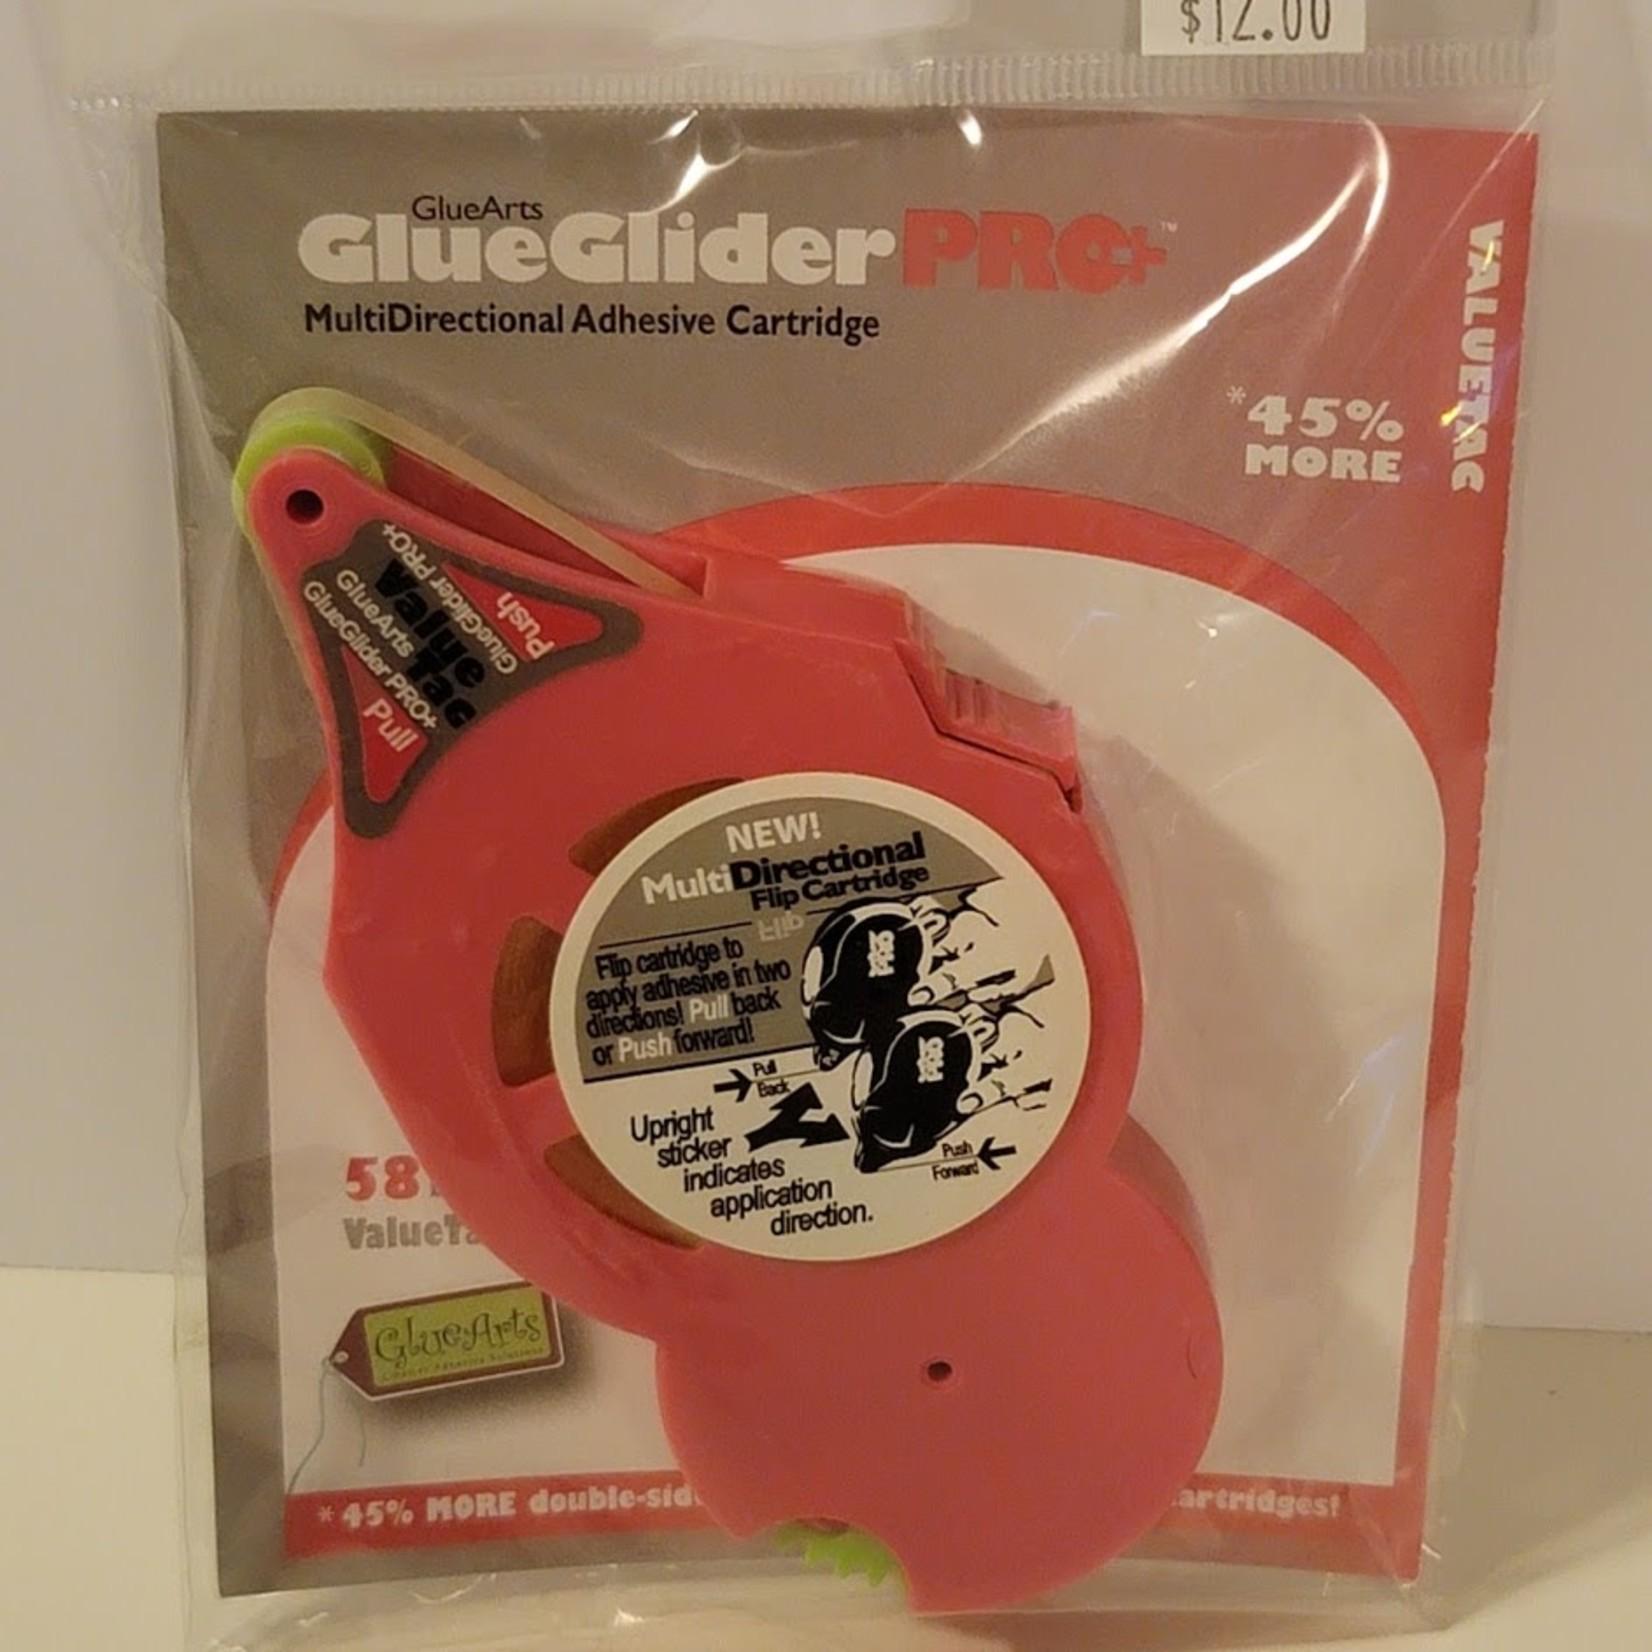 GlueArts - Glue GliderPro+ Refill - ValueTac